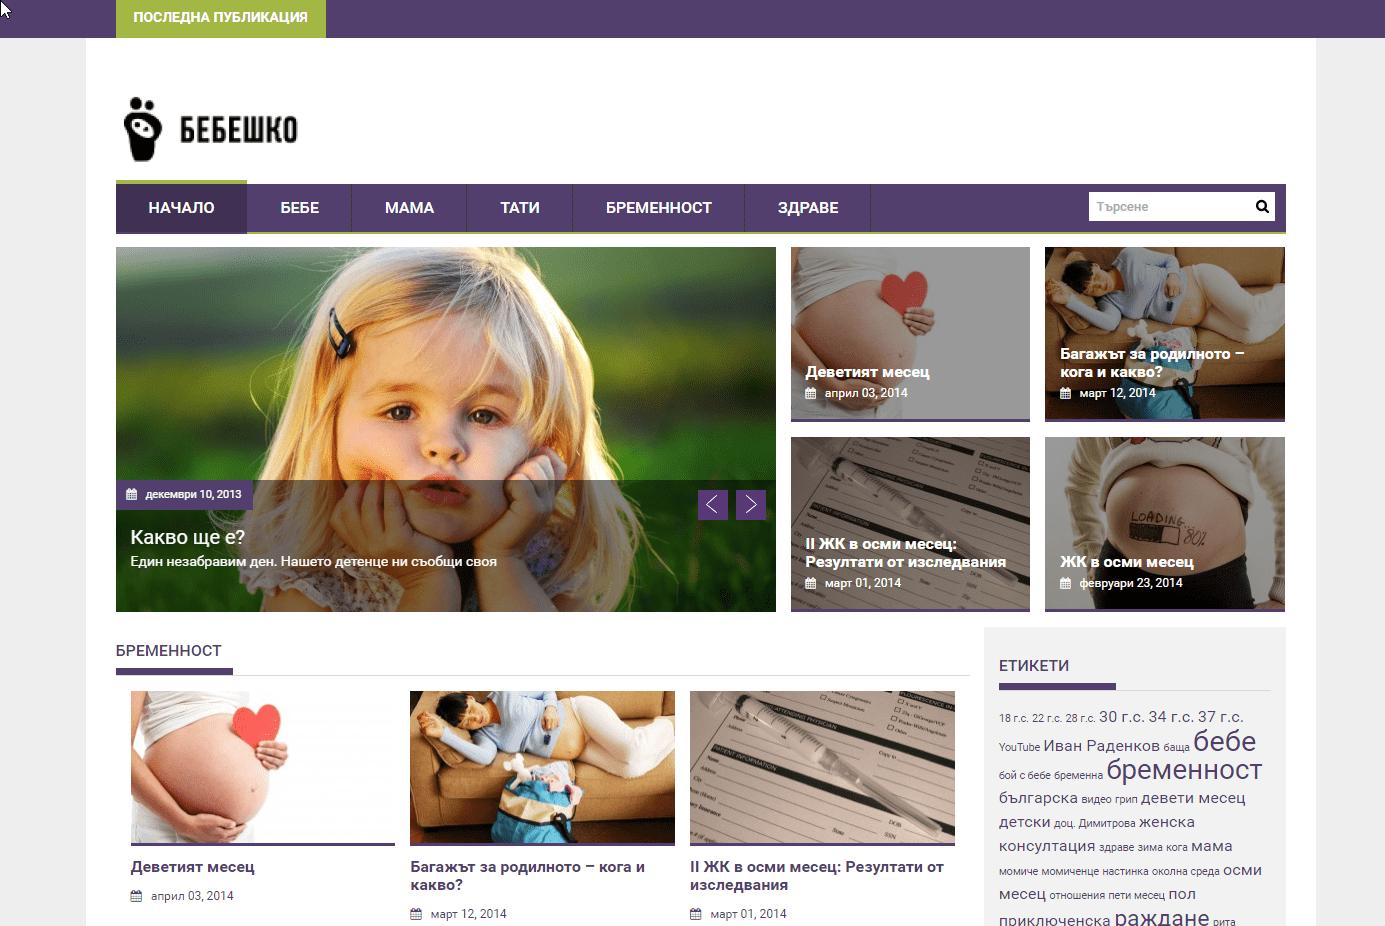 Бебешко е сайт за детски новини, информация, клипчета и др.